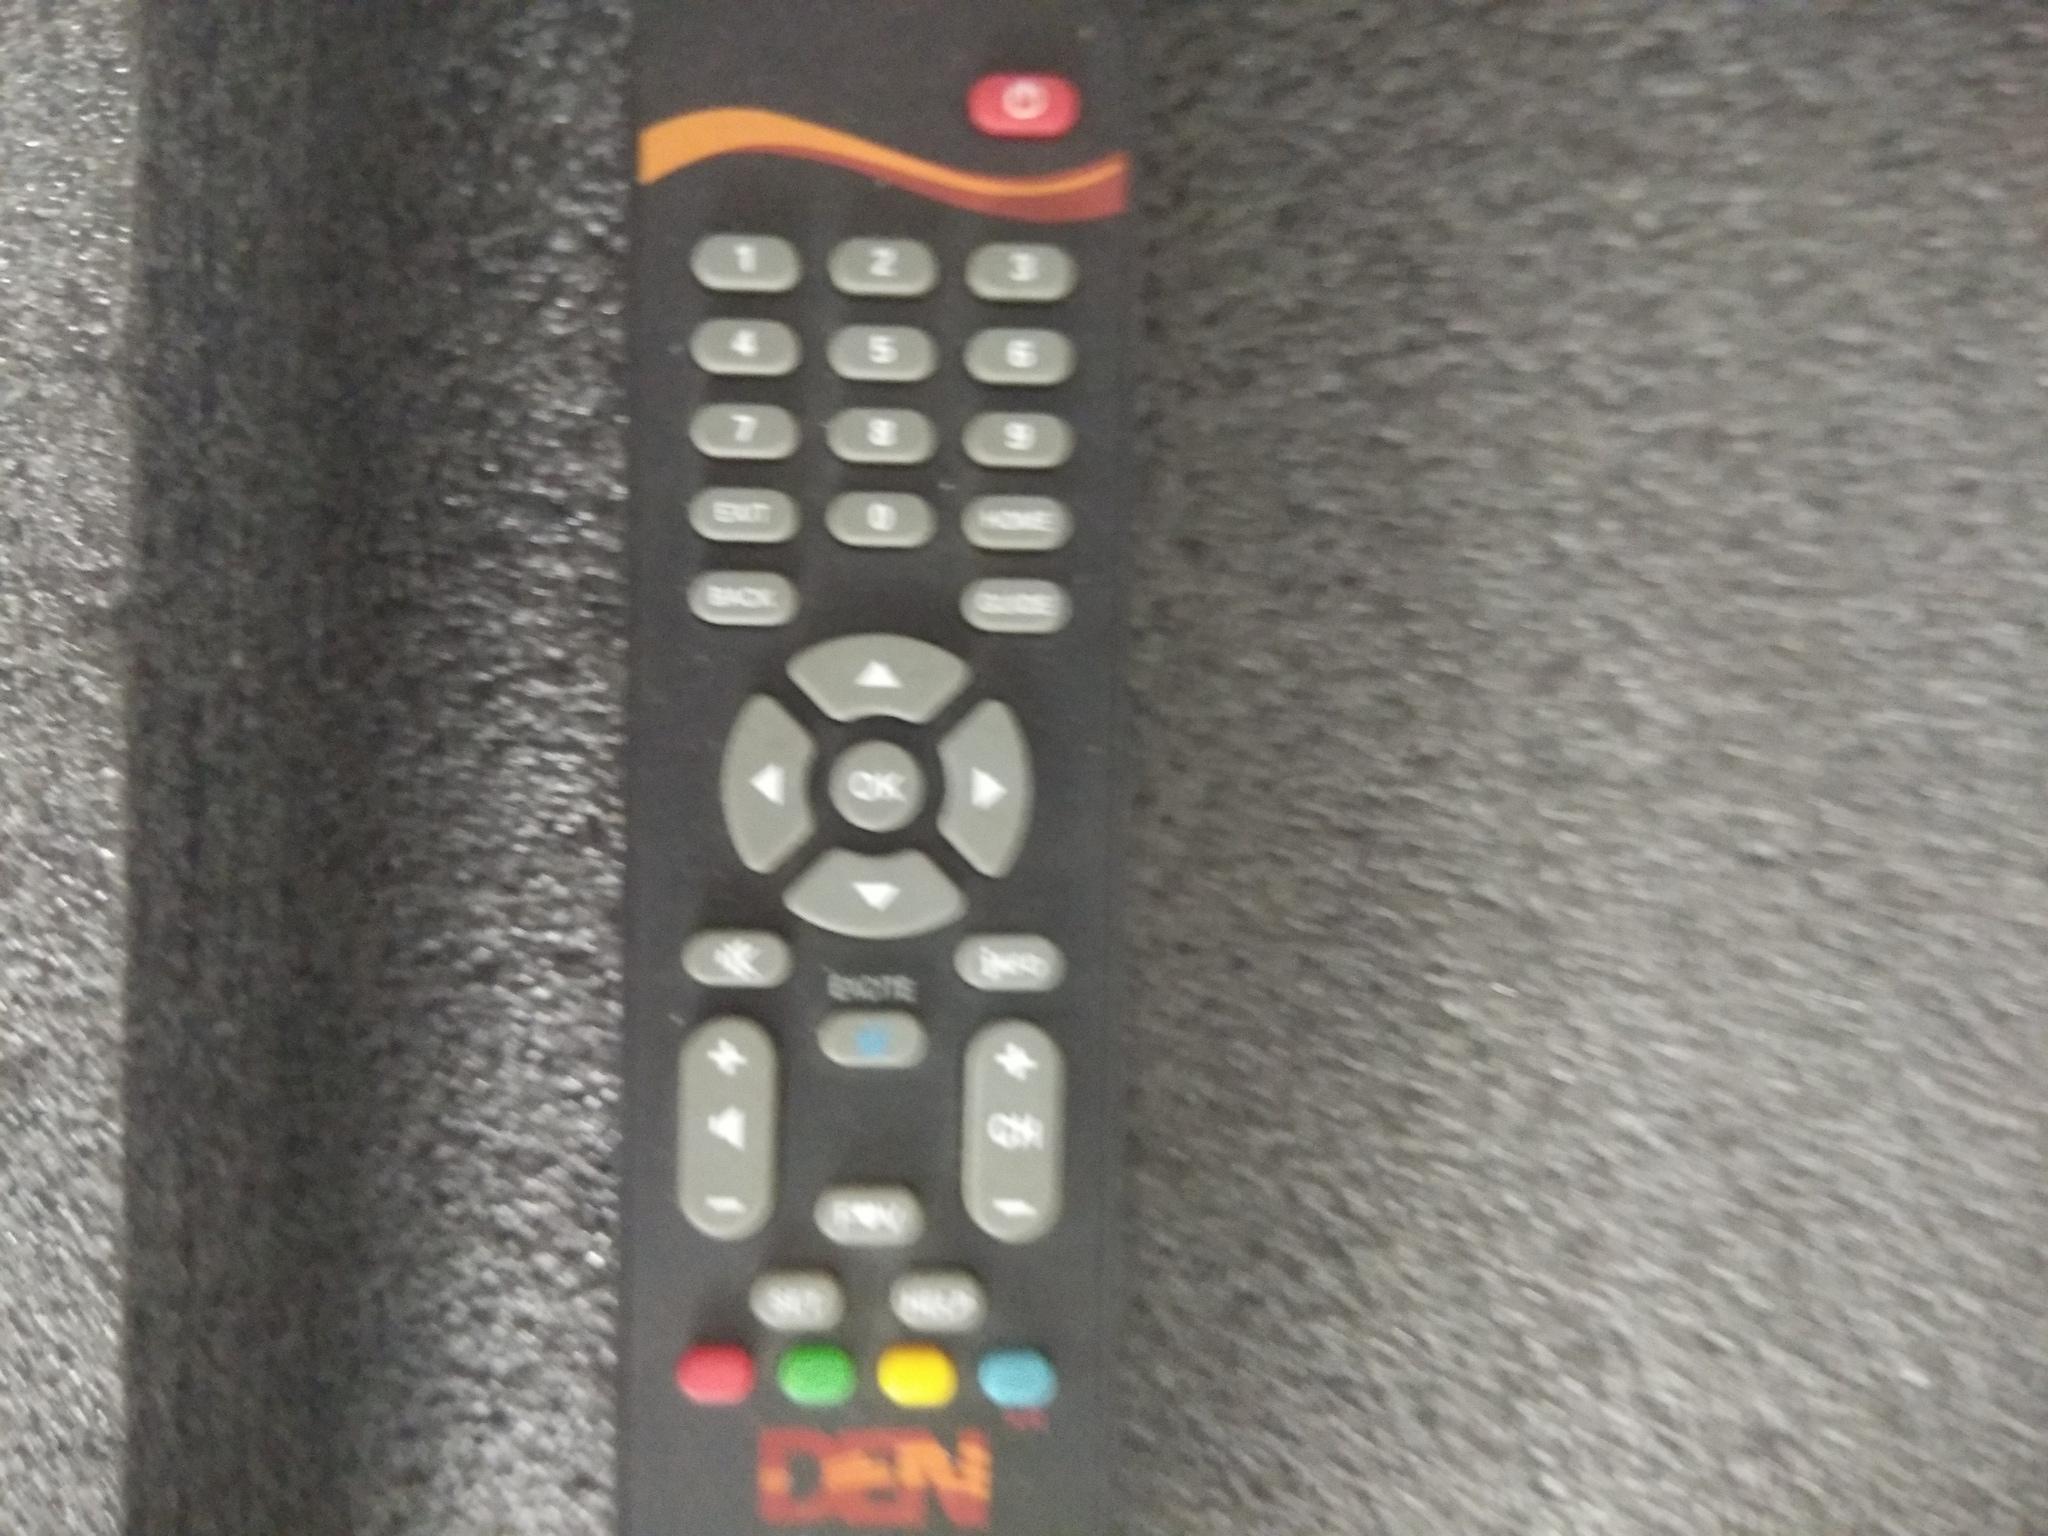 Top Sony Tv Remote Control Dealers in Ernakulam - Best Sony